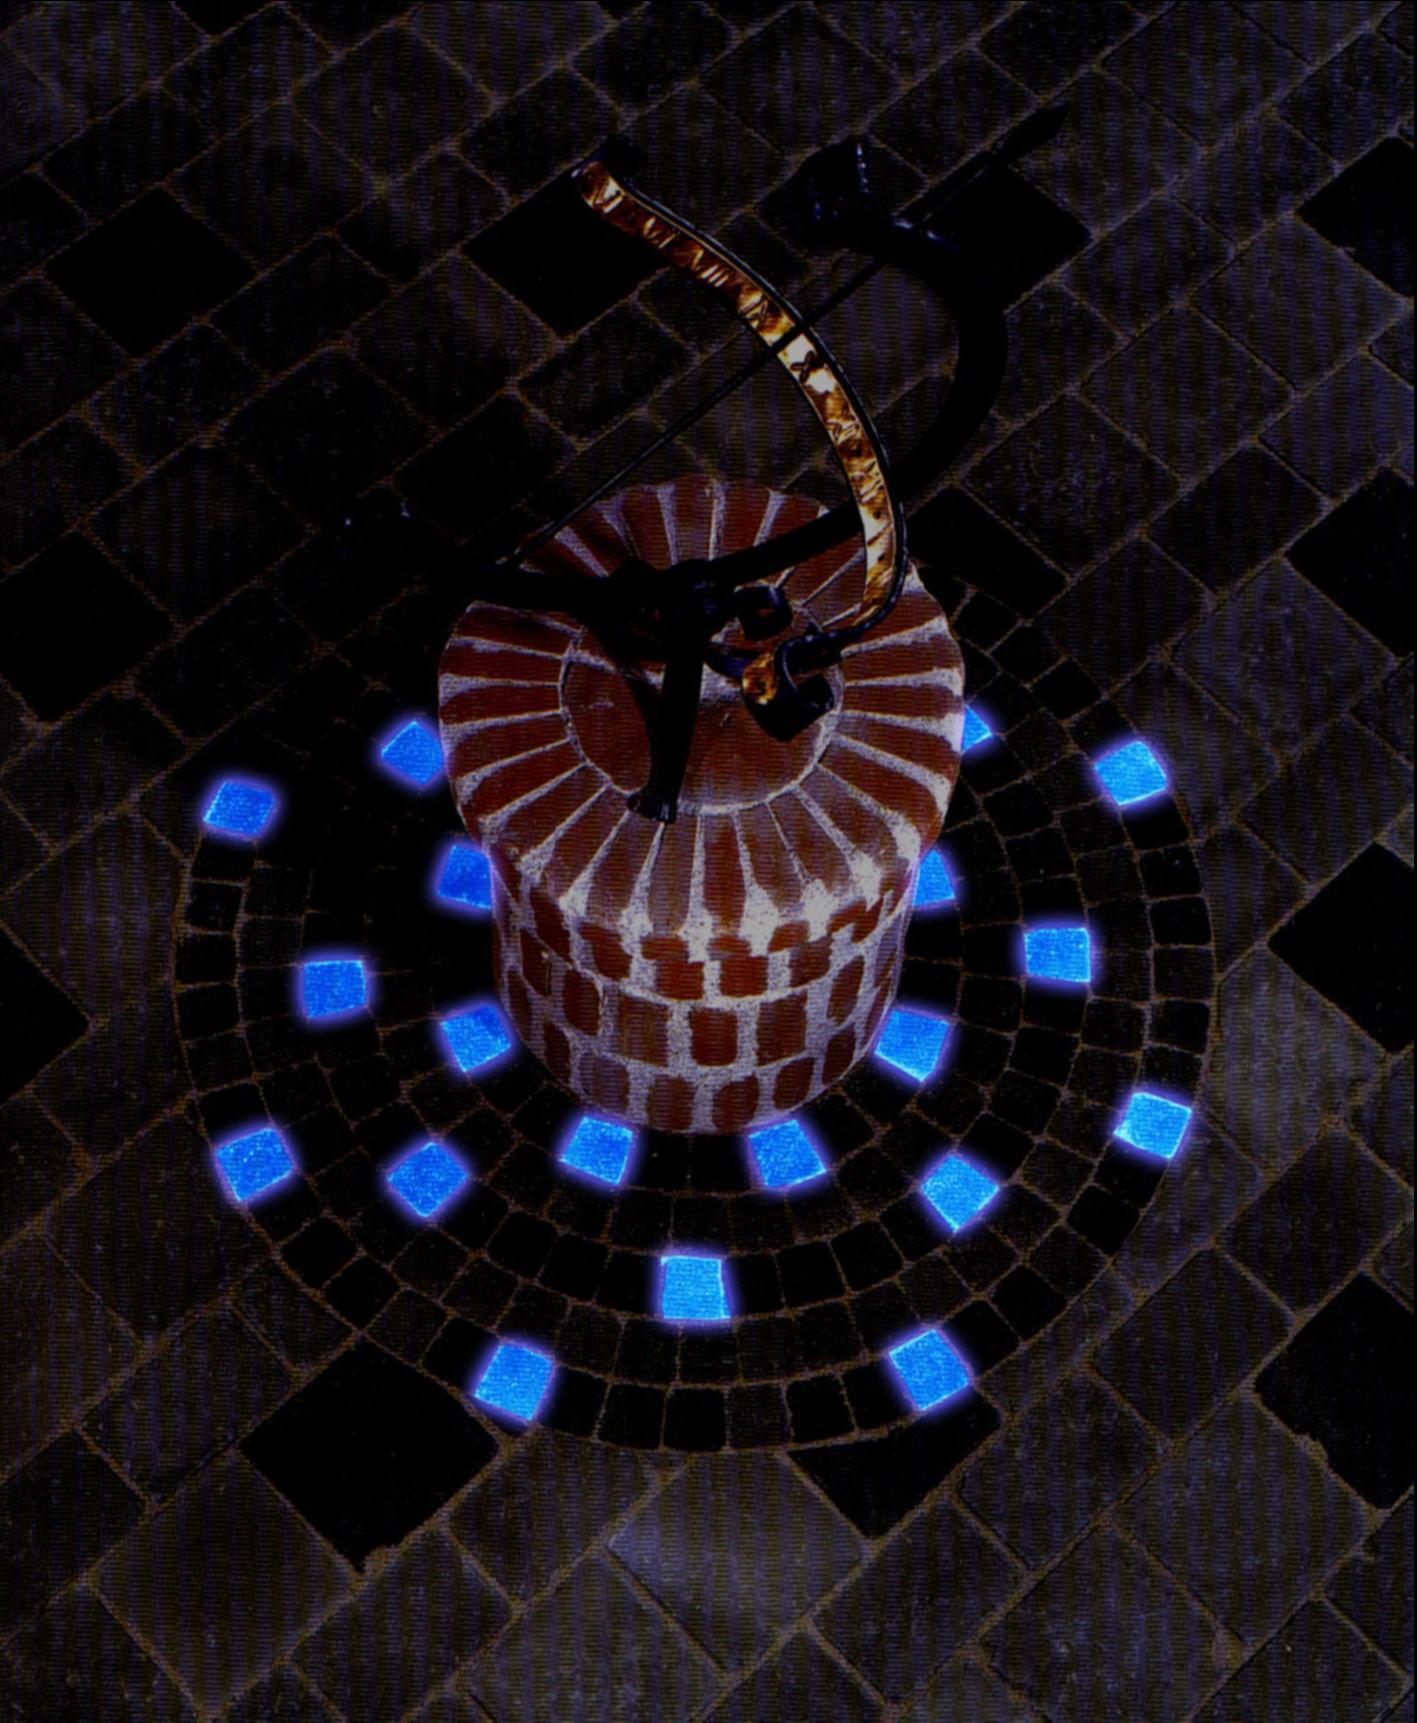 Дизайн из светящейся плитки в саду